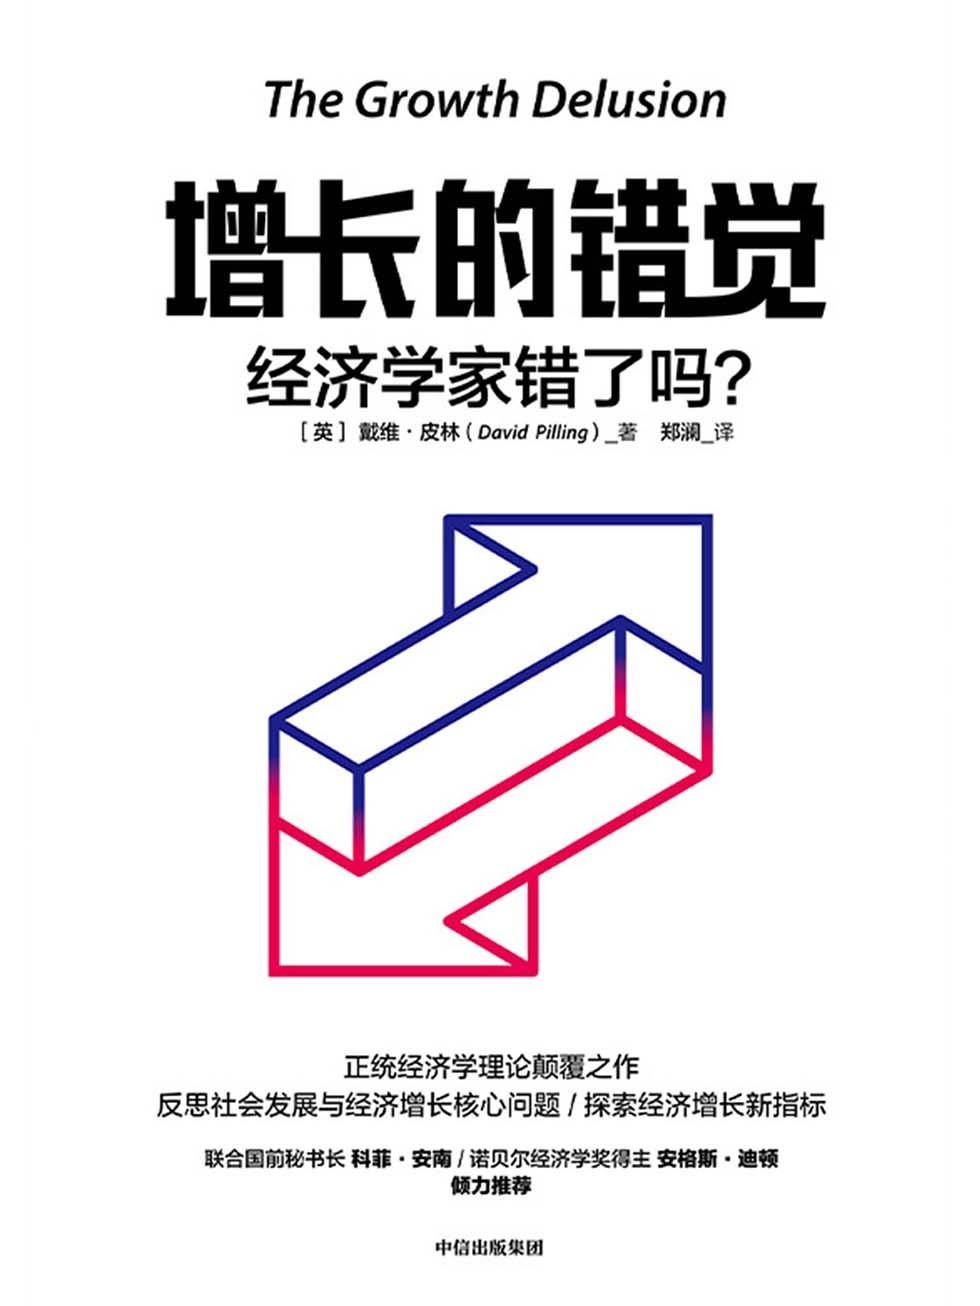 增长的错觉:经济学家错了吗?pdf-epub-mobi-txt-azw3